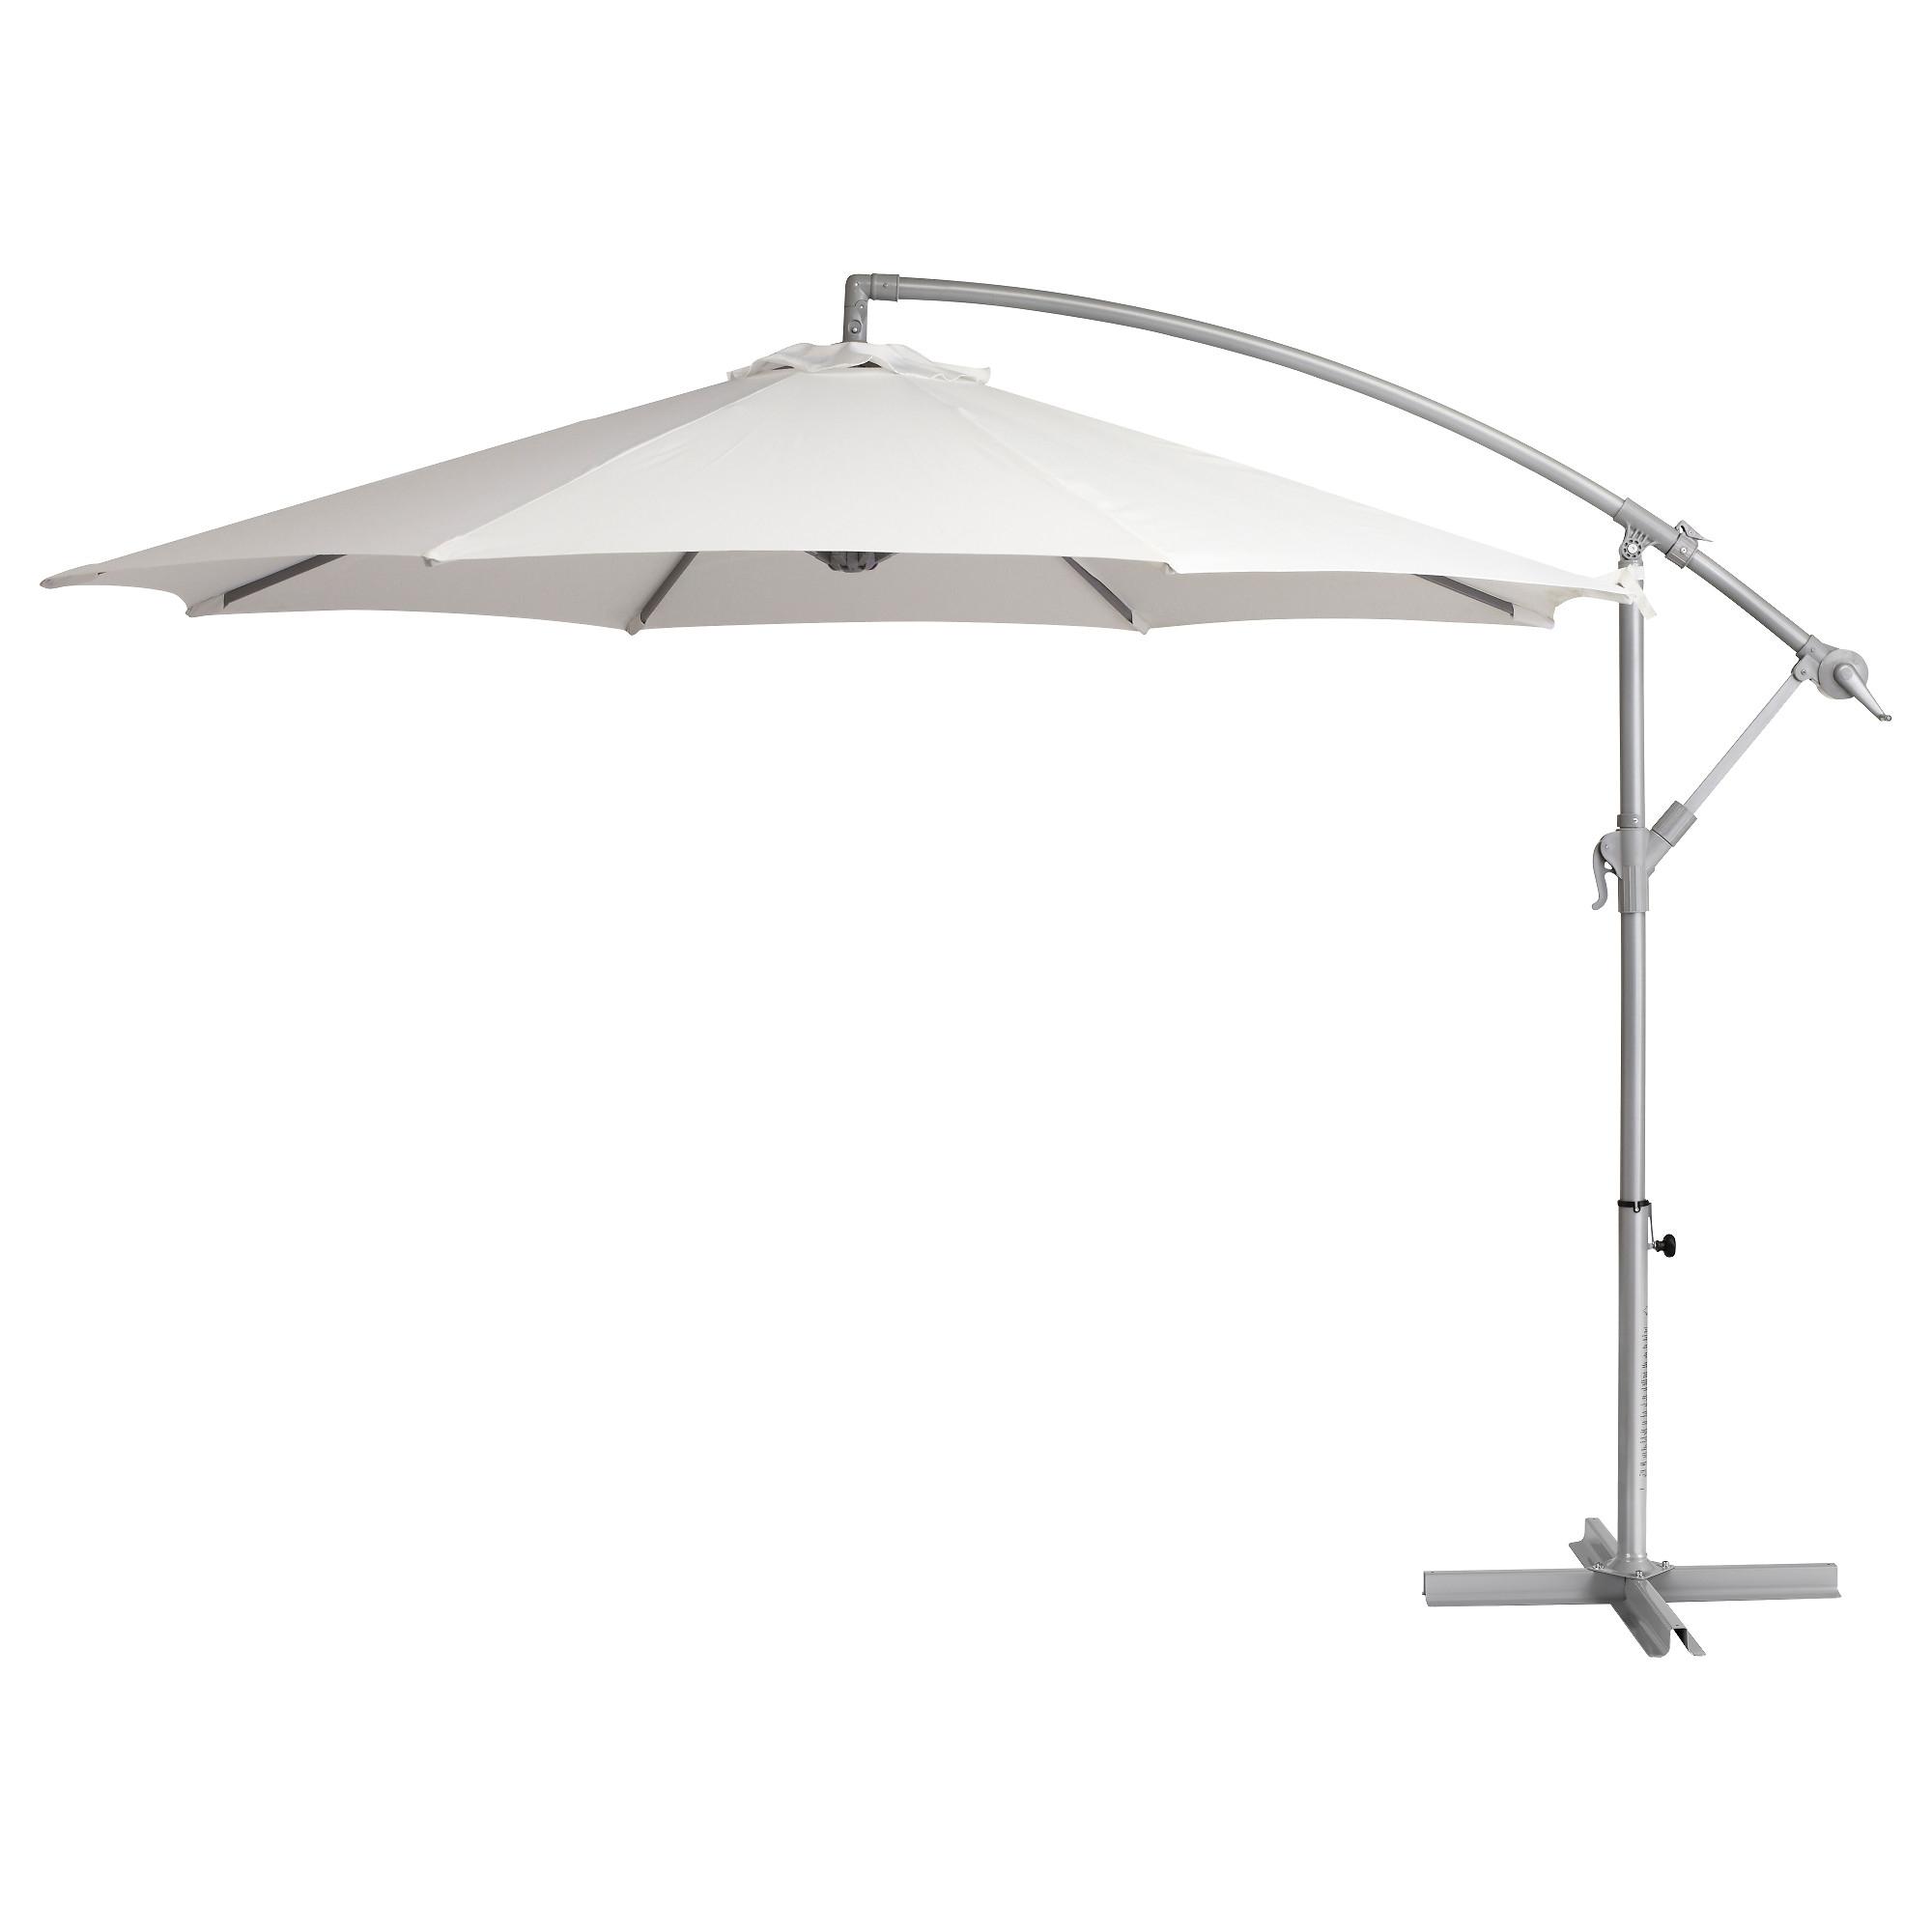 2019 White Patio Umbrellas With Regard To 49 Ikea Patio Umbrella, Svart Umbrella Base Ikea (View 19 of 20)